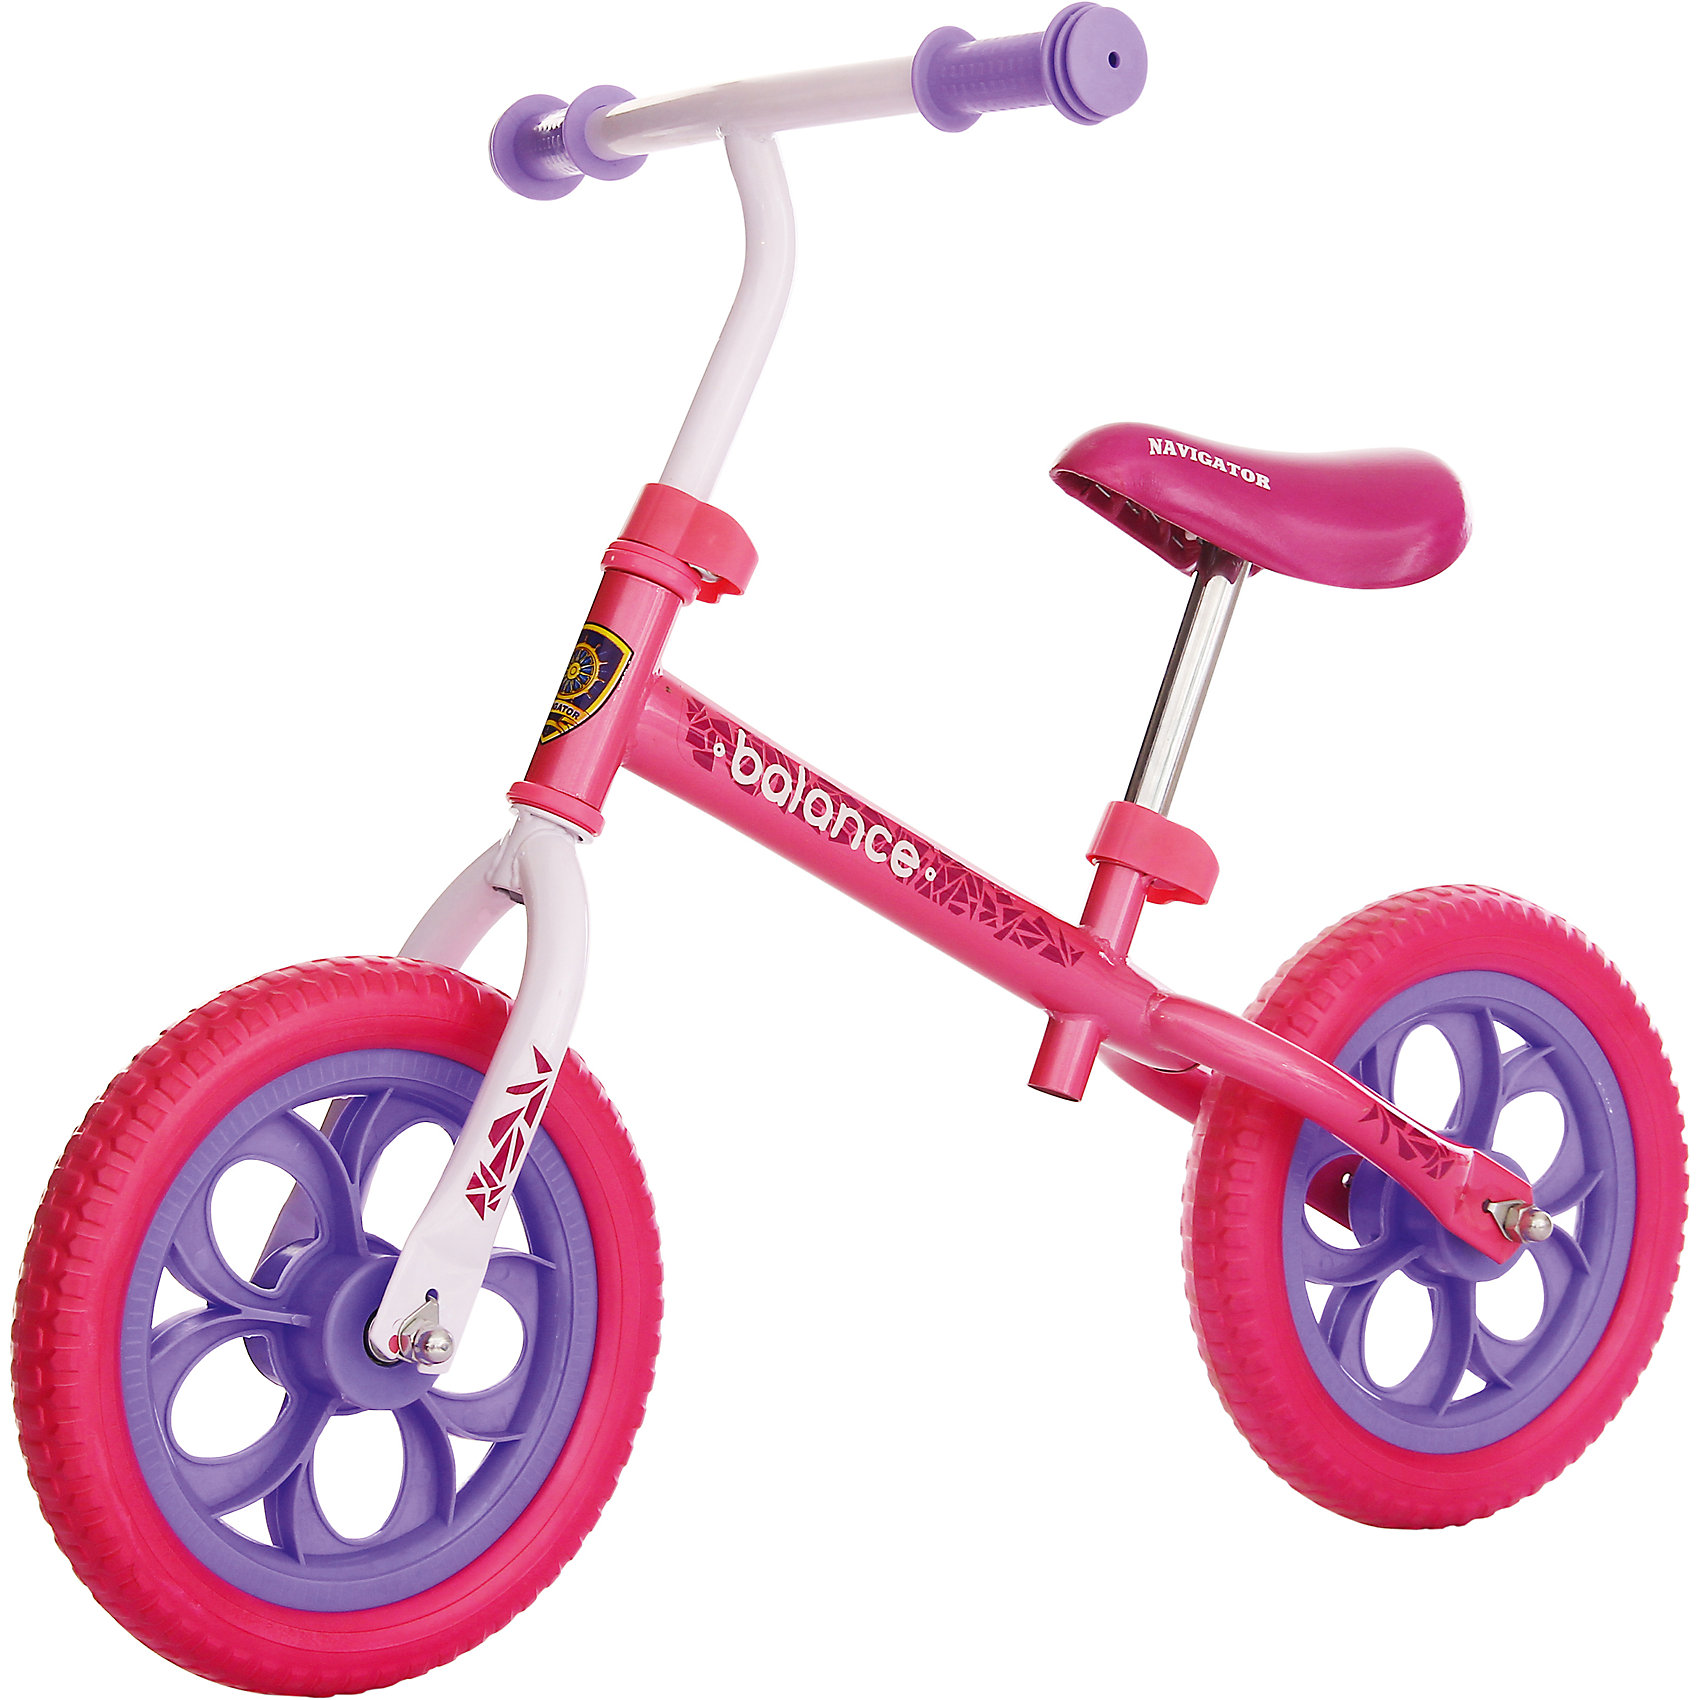 Беговел Balance, розовый, NavigatorБеговелы<br>Беговел Balance, розовый, Navigator (Навигатор)<br><br>Характеристики:<br><br>• колеса плавно едут по дороге<br>• высота сиденья регулируется<br>• диаметр колес - 12 дюймов<br>• максимальная нагрузка: 35 кг<br>• материал колес: EVA<br>• размер: 88х42х56 см<br>• материал: сталь<br>• размер упаковки: 16х32х57 см<br>• вес: 3,520 кг<br><br>Первое транспортное средство ребенка должно быть красивым и безопасным. Беговел Navigator  изготовлен из качественных прочных материалов, а его рама украшена стильными узорами. Высота сидения регулируется. Ручки очень удобны для ребенка. Колеса из EVA-полимера очень легкие и хорошо передвигаются по дороге. Кататься на ярком красивом беговеле очень весело и интересно!<br><br>Беговел Balance, розовый, Navigator (Навигатор) вы можете купить в нашем интернет-магазине.<br><br>Ширина мм: 580<br>Глубина мм: 310<br>Высота мм: 160<br>Вес г: 3320<br>Возраст от месяцев: 36<br>Возраст до месяцев: 2147483647<br>Пол: Женский<br>Возраст: Детский<br>SKU: 5440864